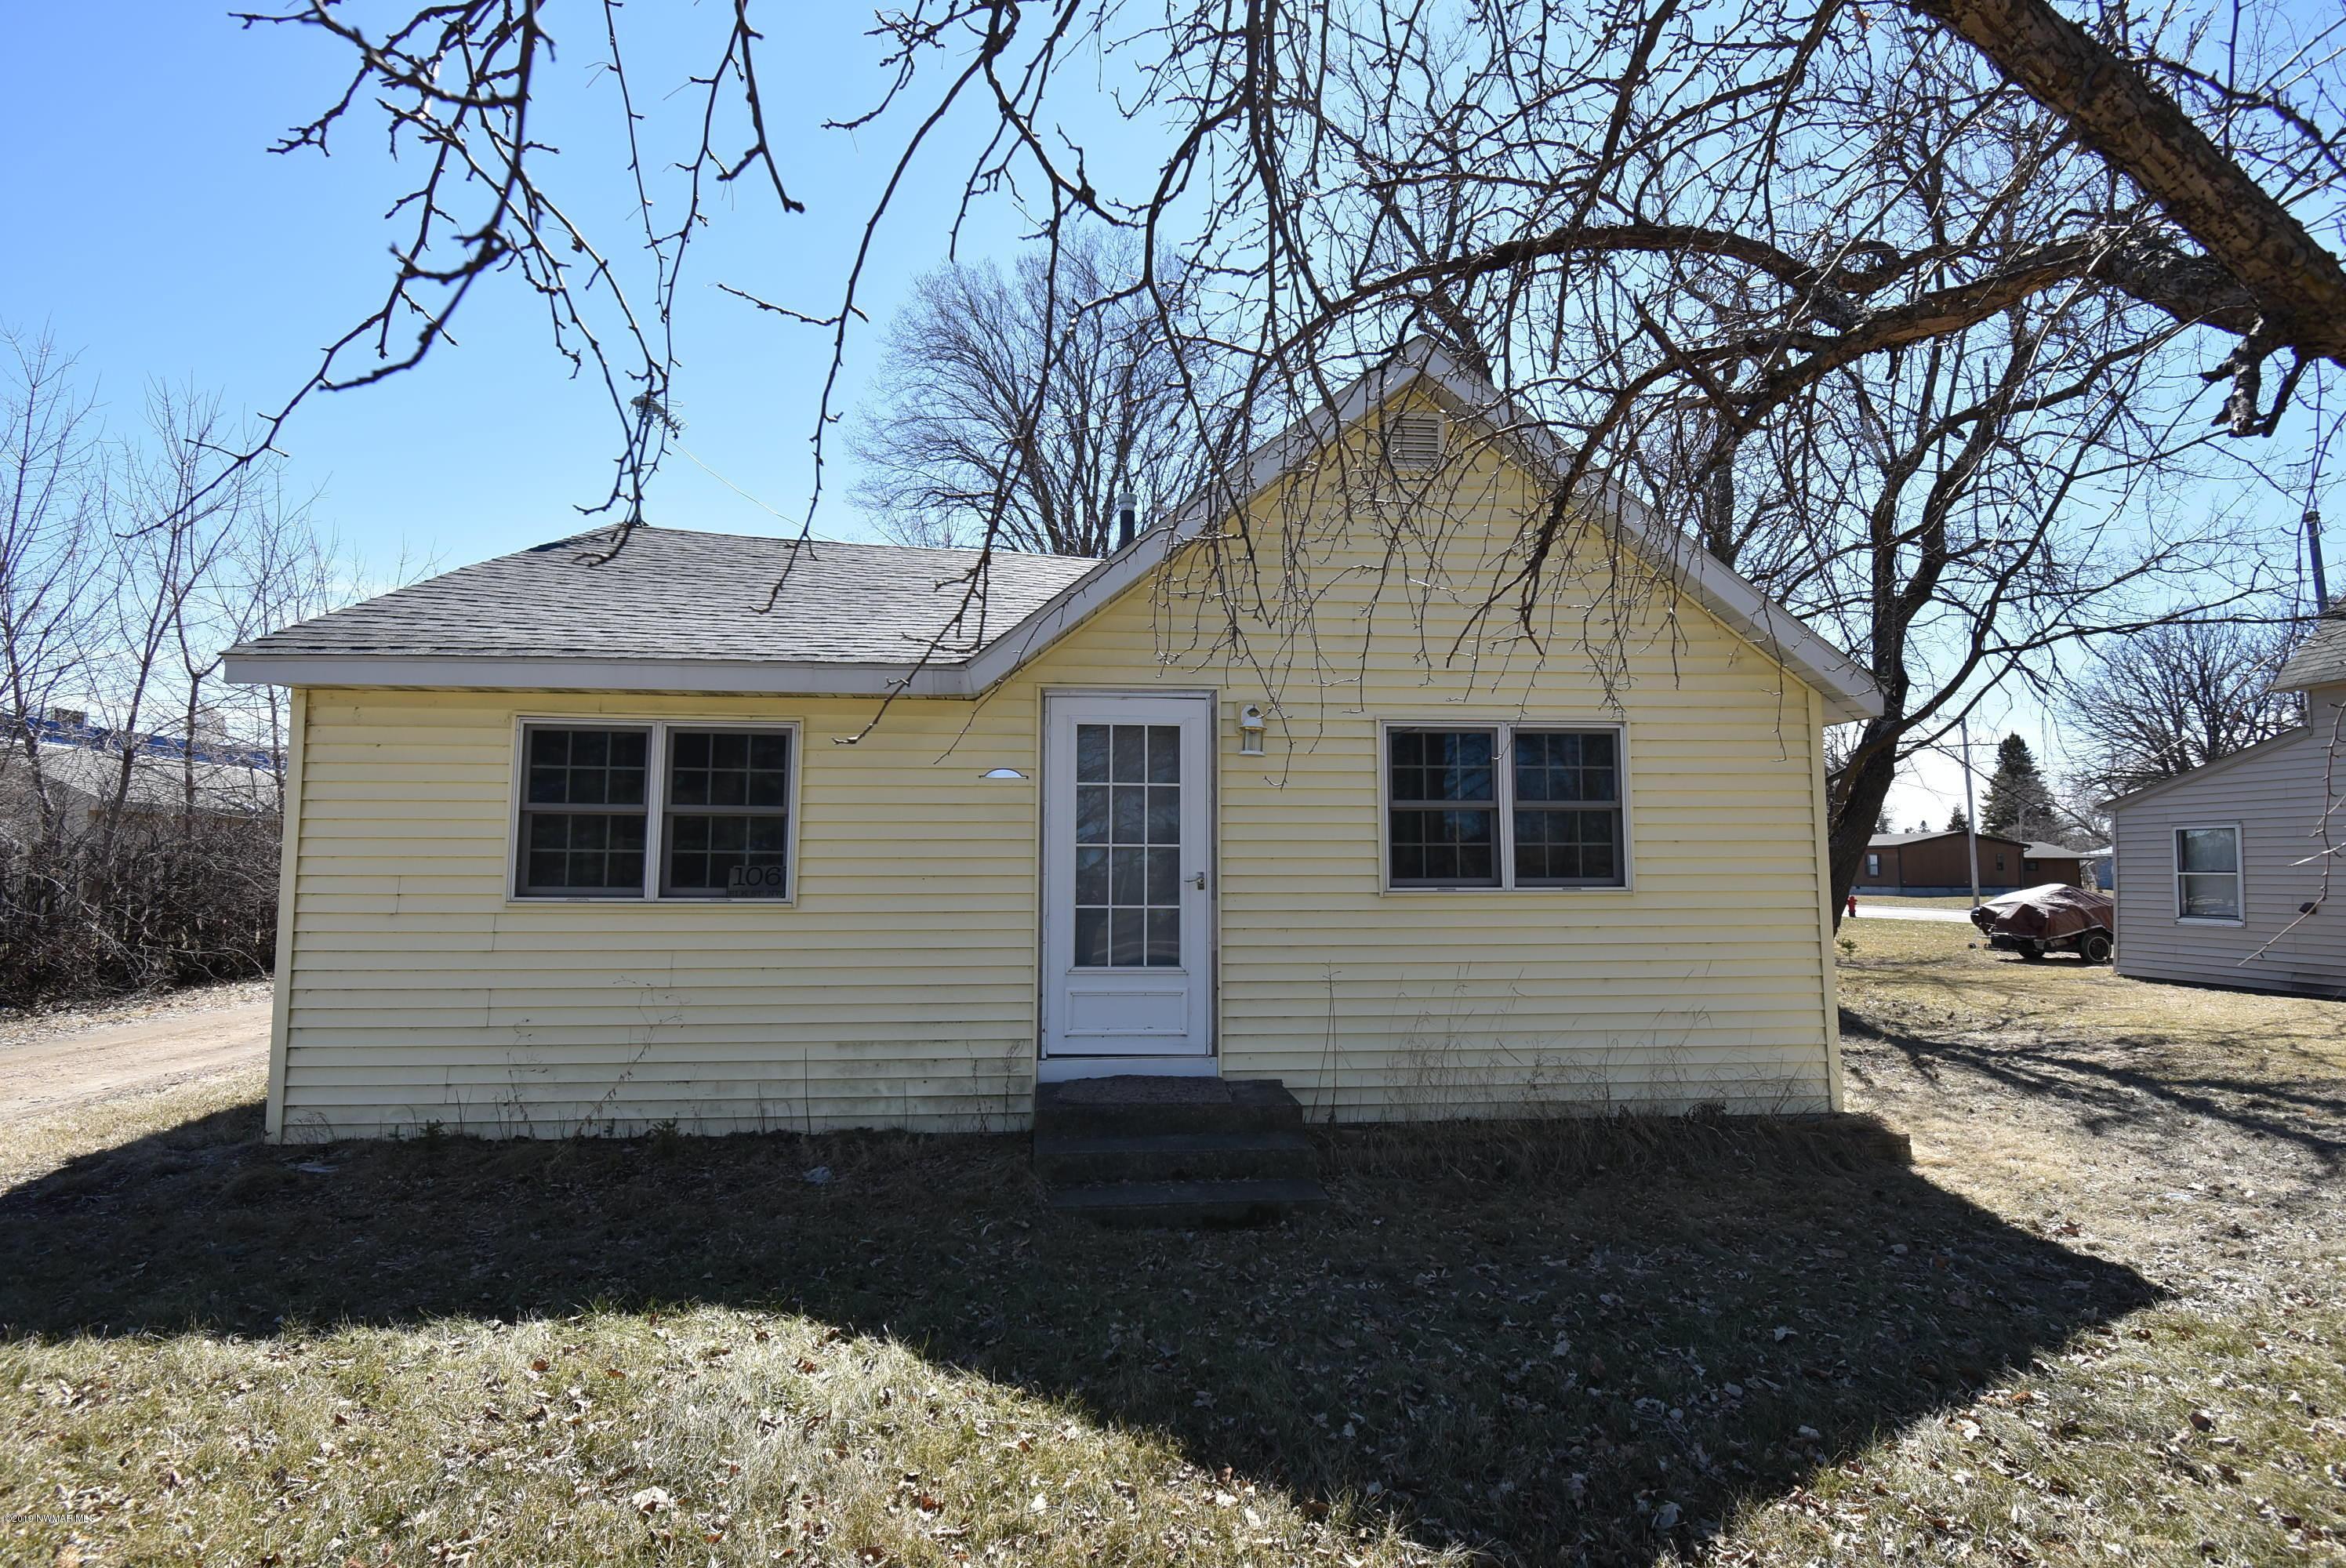 106 Elk Street NW, Warroad, MN 56763